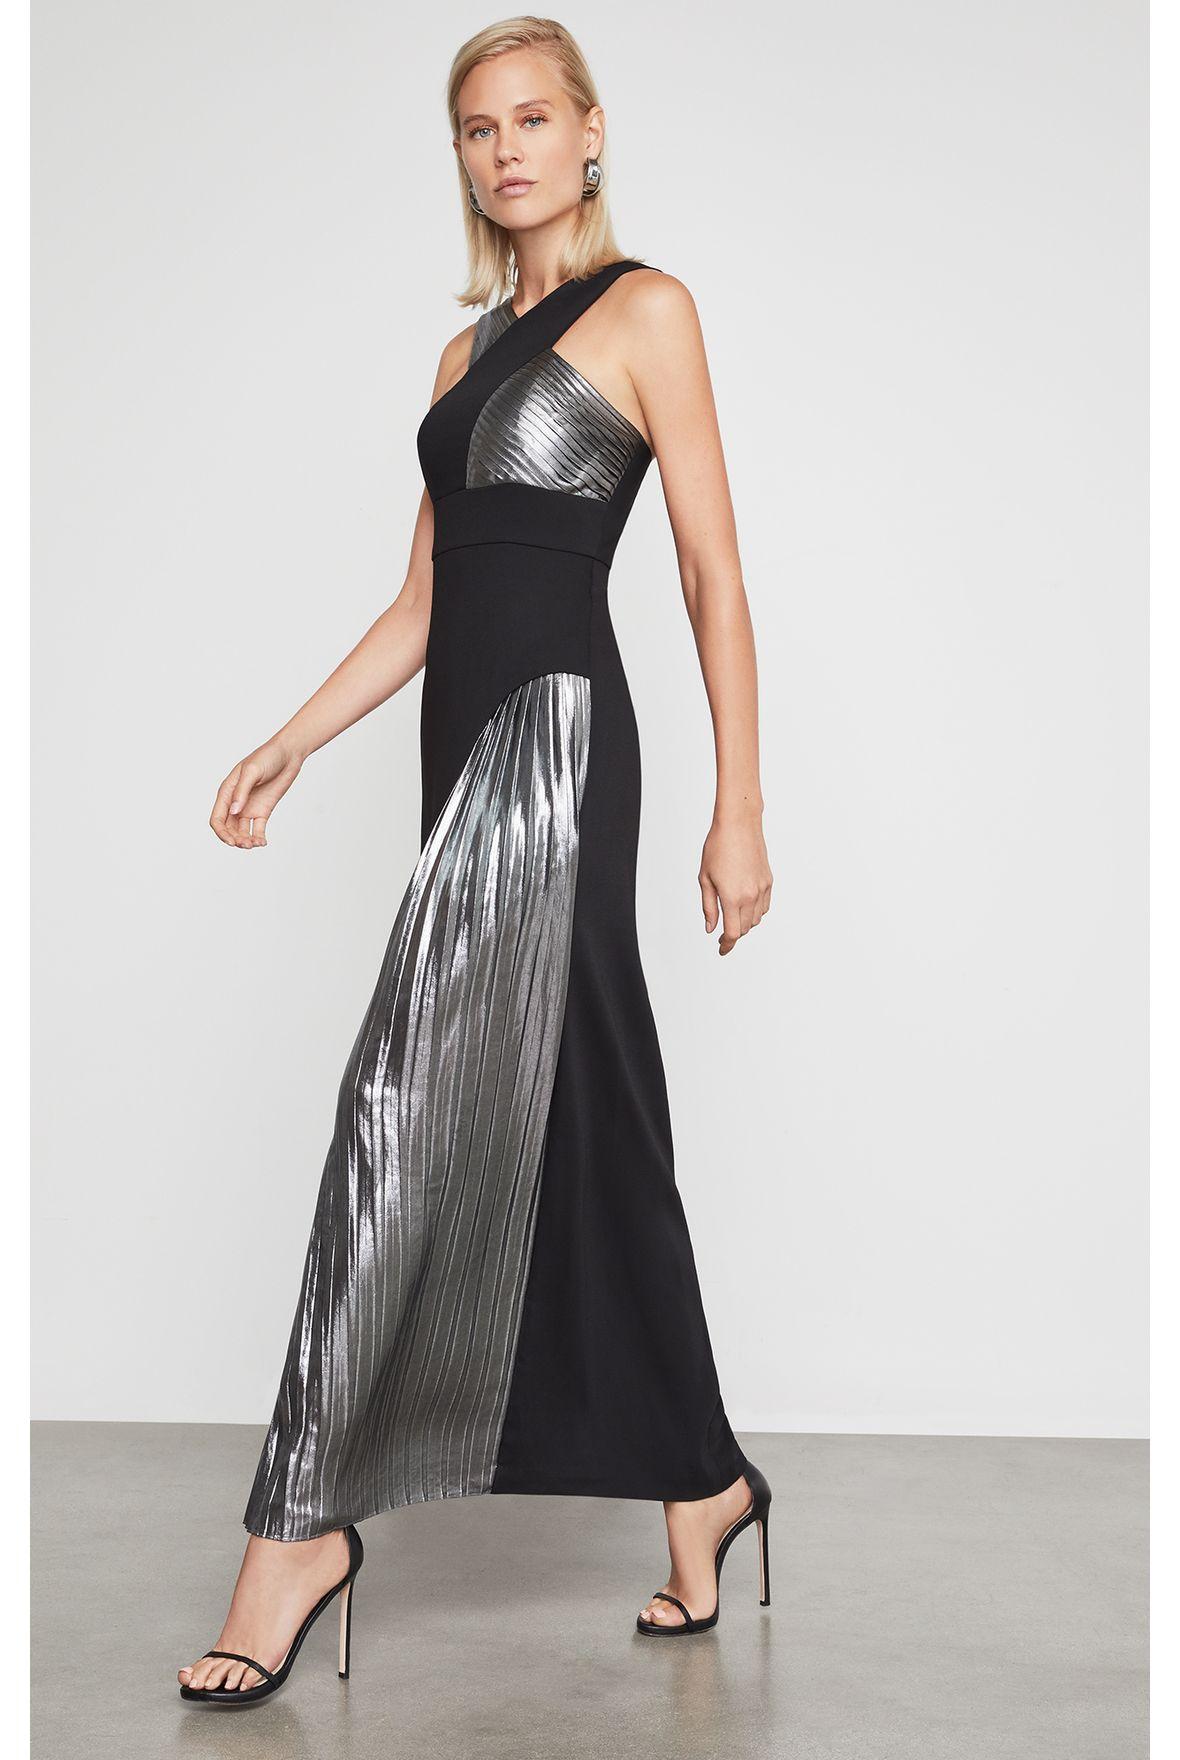 Vestido-Halter-Metalizado-OLM69O51_003